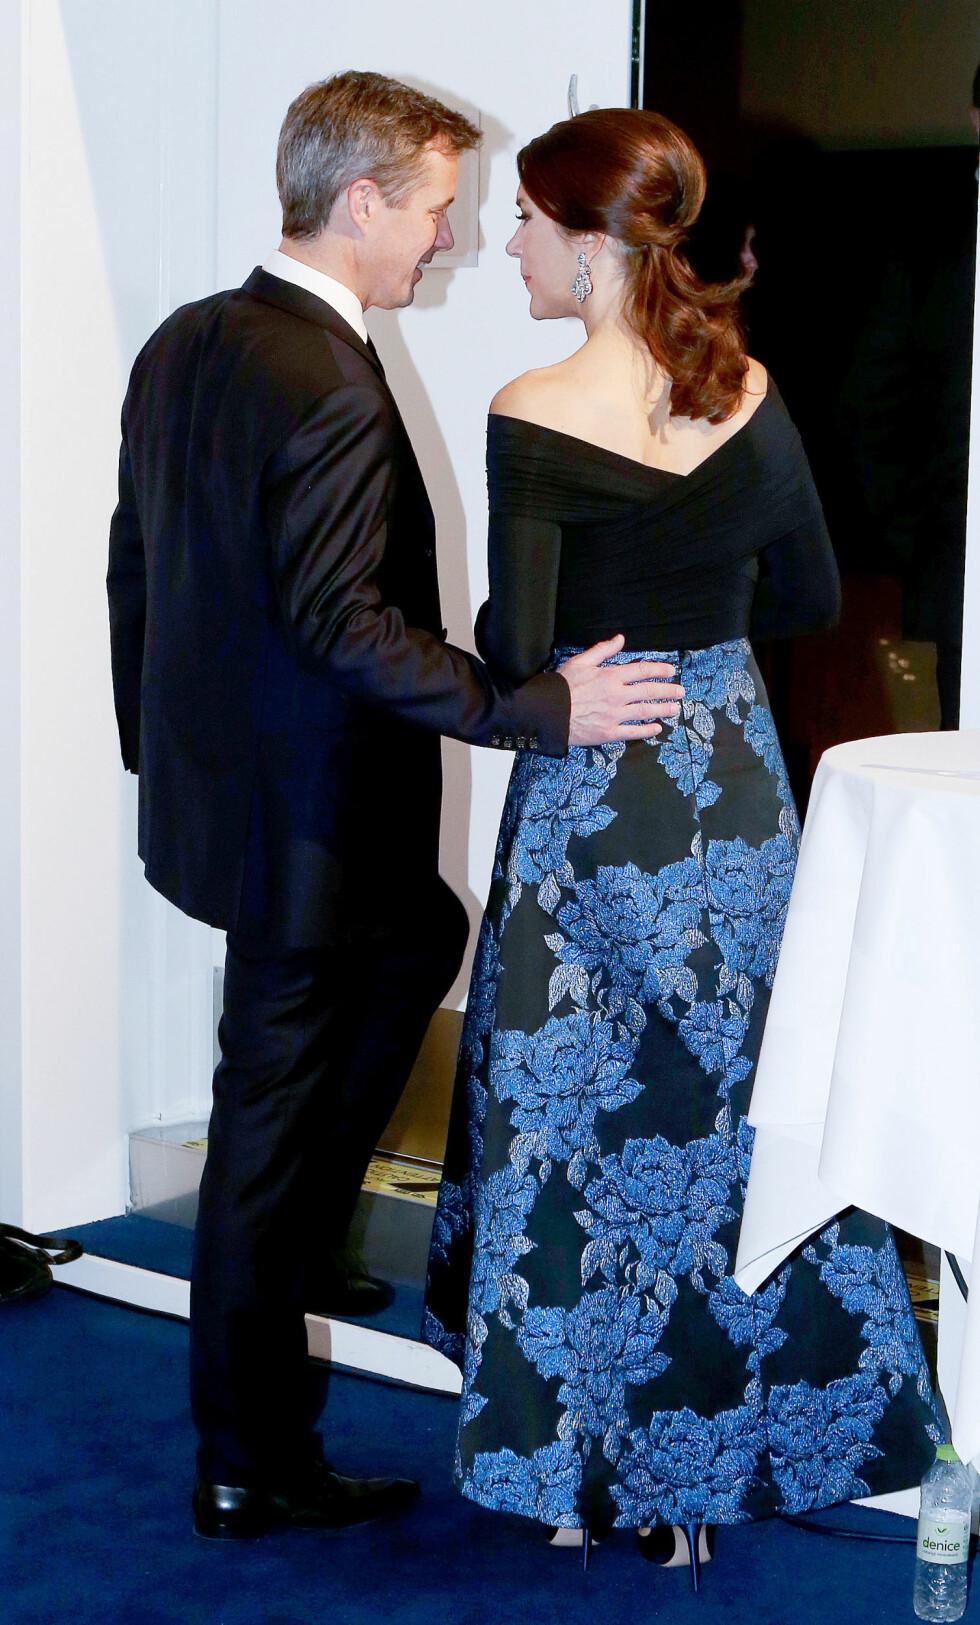 FORELSKET: Kronprins Frederik av Danmark fikk ikke nok av sin flotte kone Mary. Her forlater de den årlige prisutdelingen i  Musikteatret Holstebro i oktober. Foto: NTB Scanpix